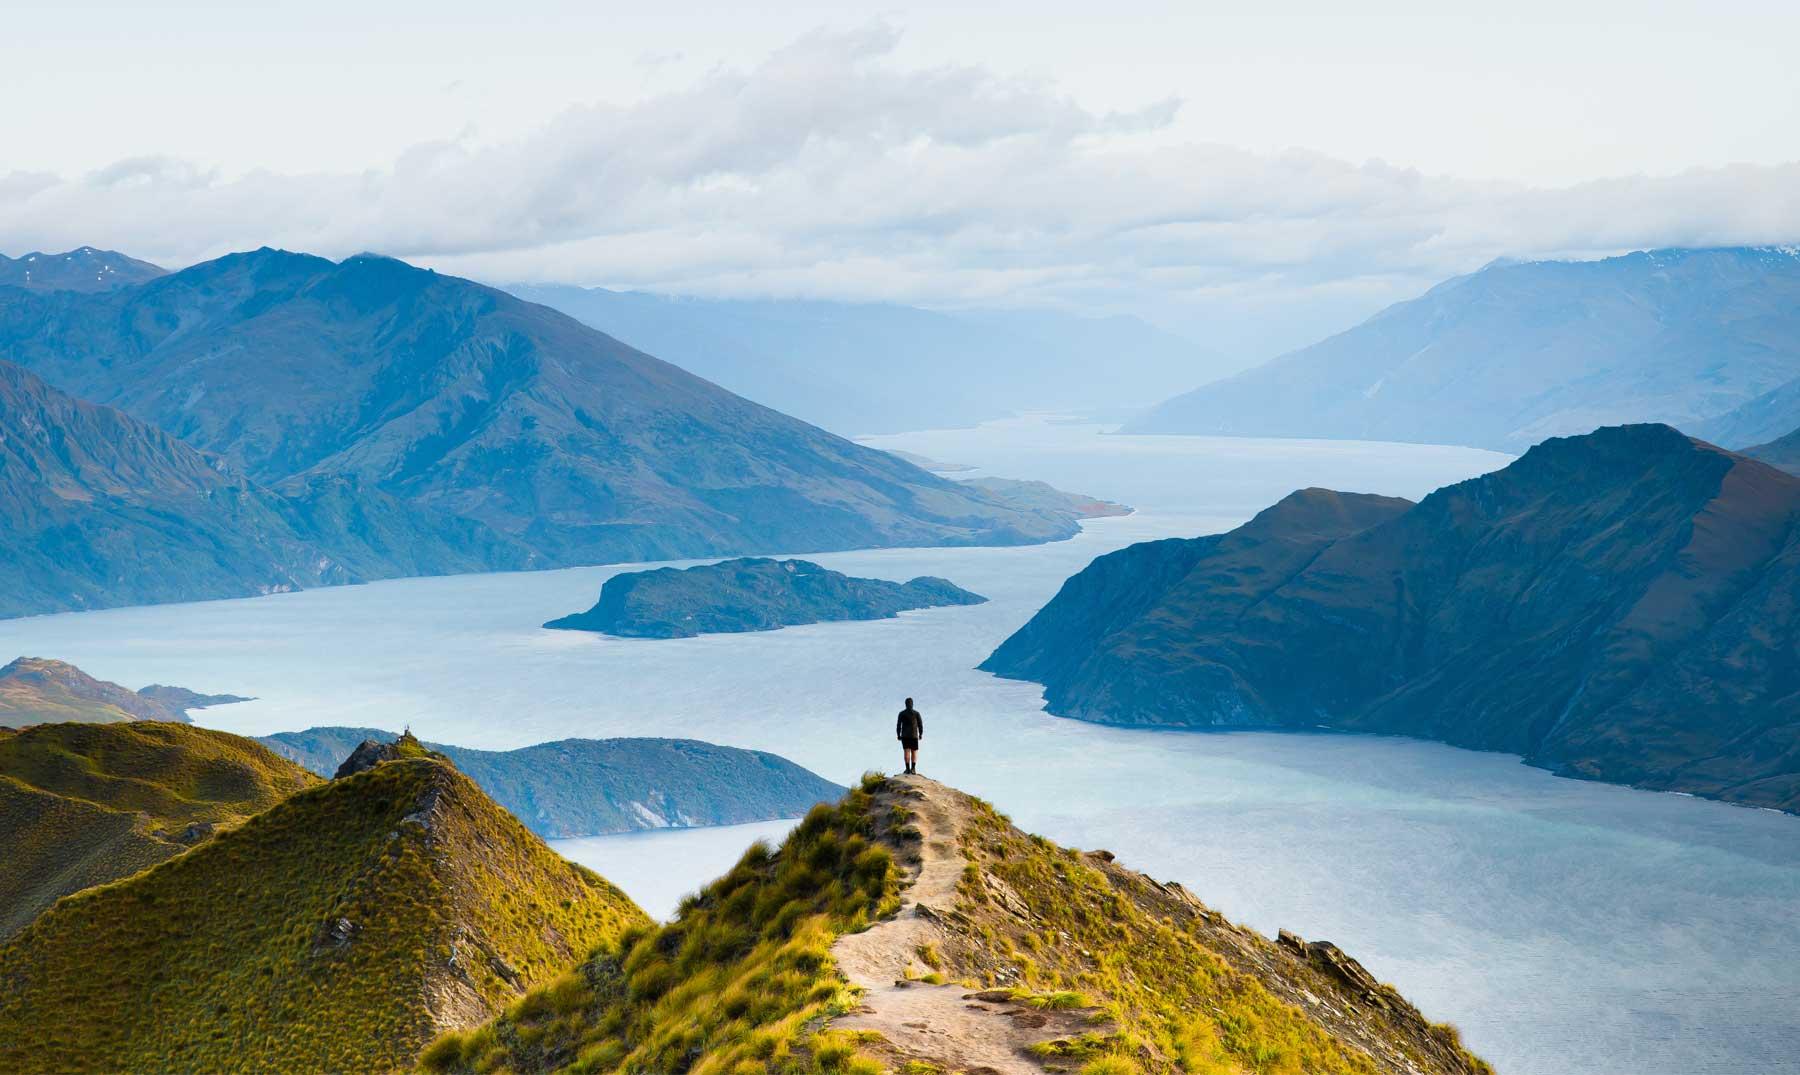 Coste de vida en Nueva Zelanda